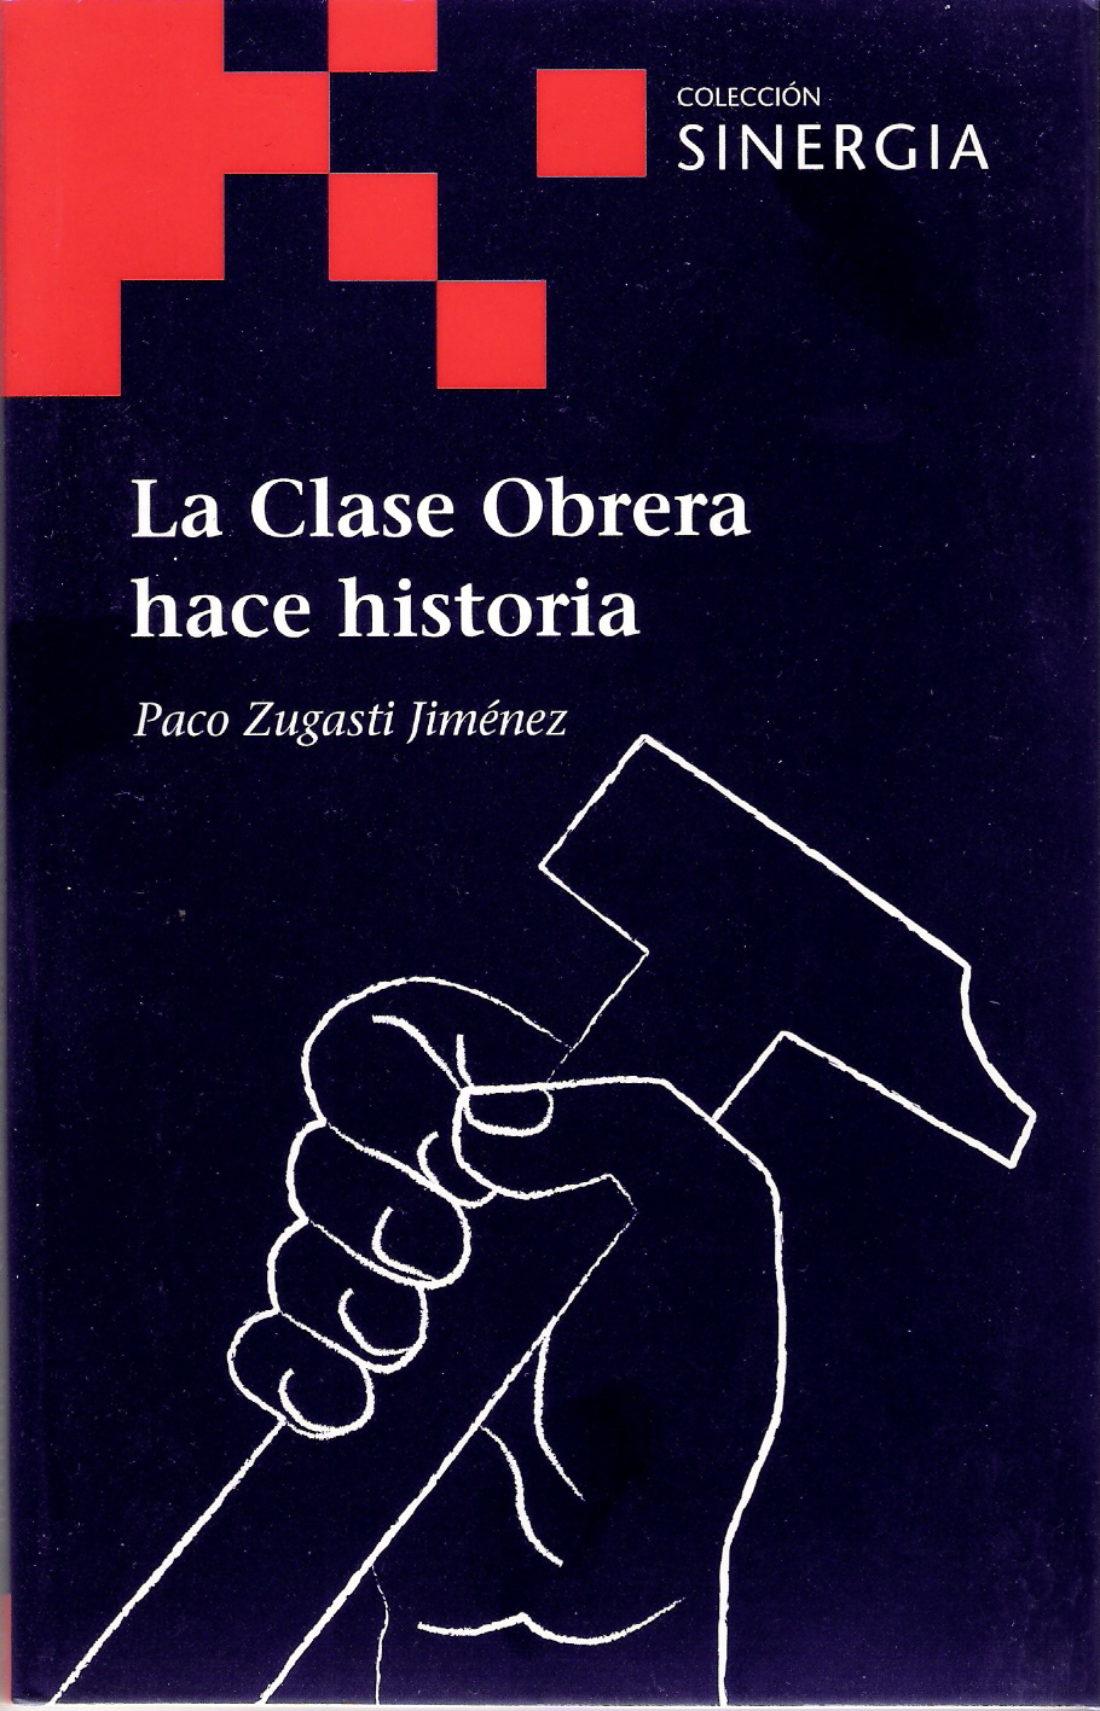 Málaga, 26 de febrero: presentación del libro «La clase obrera hace historia», de Paco Zugasti